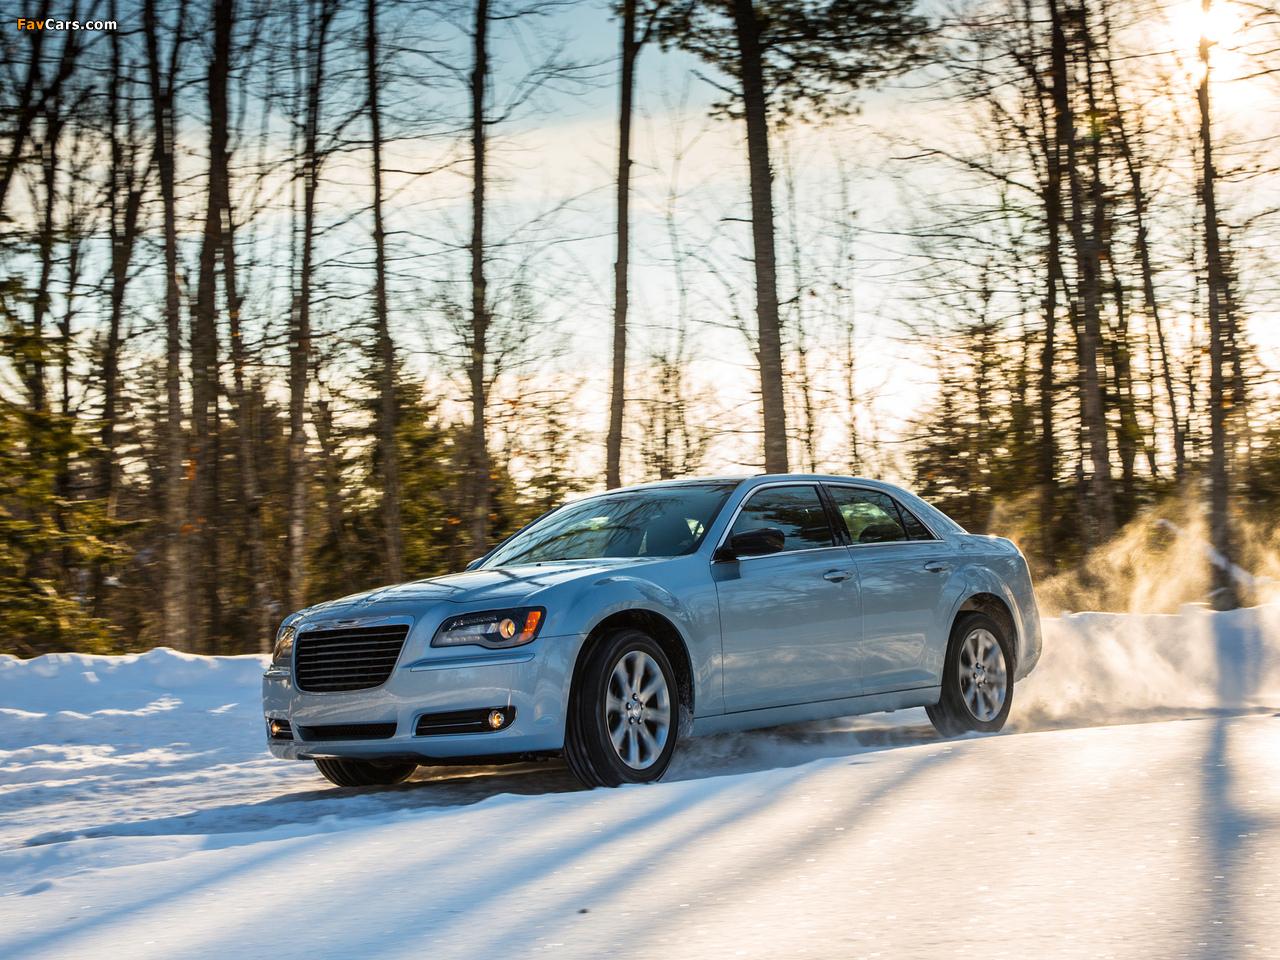 Chrysler 300 Glacier 2013 photos (1280 x 960)